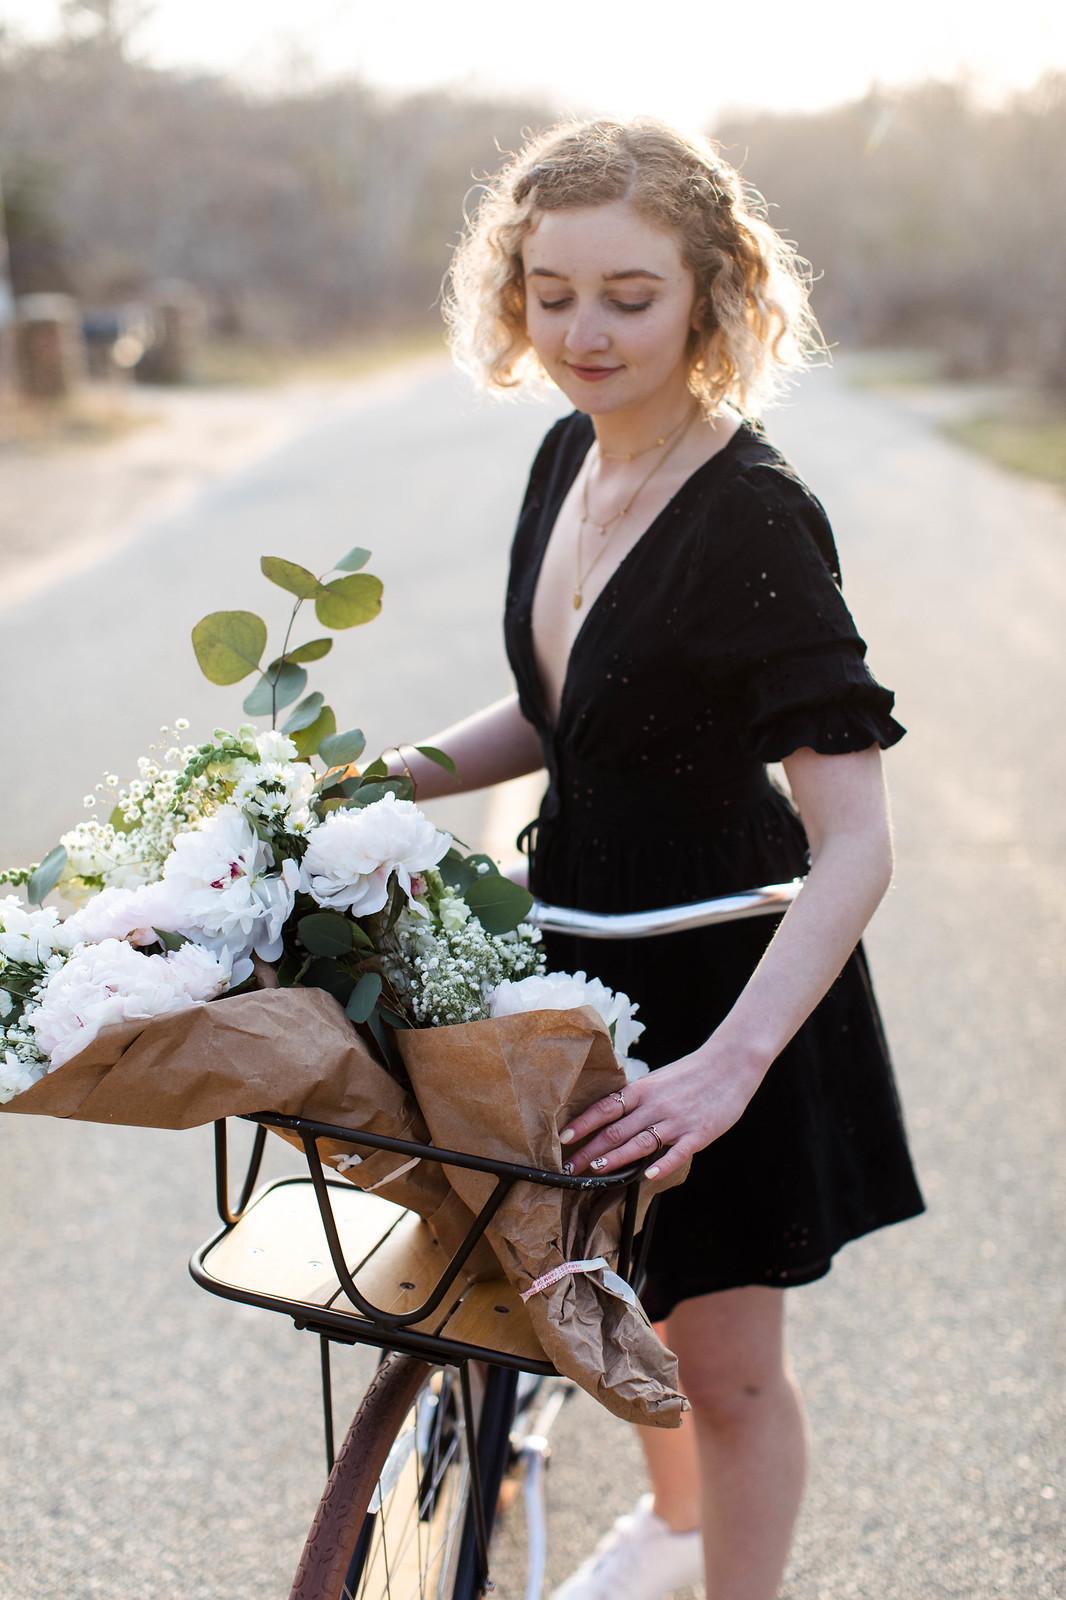 Parisian Spring Style on juliettelaura.blogspot.com